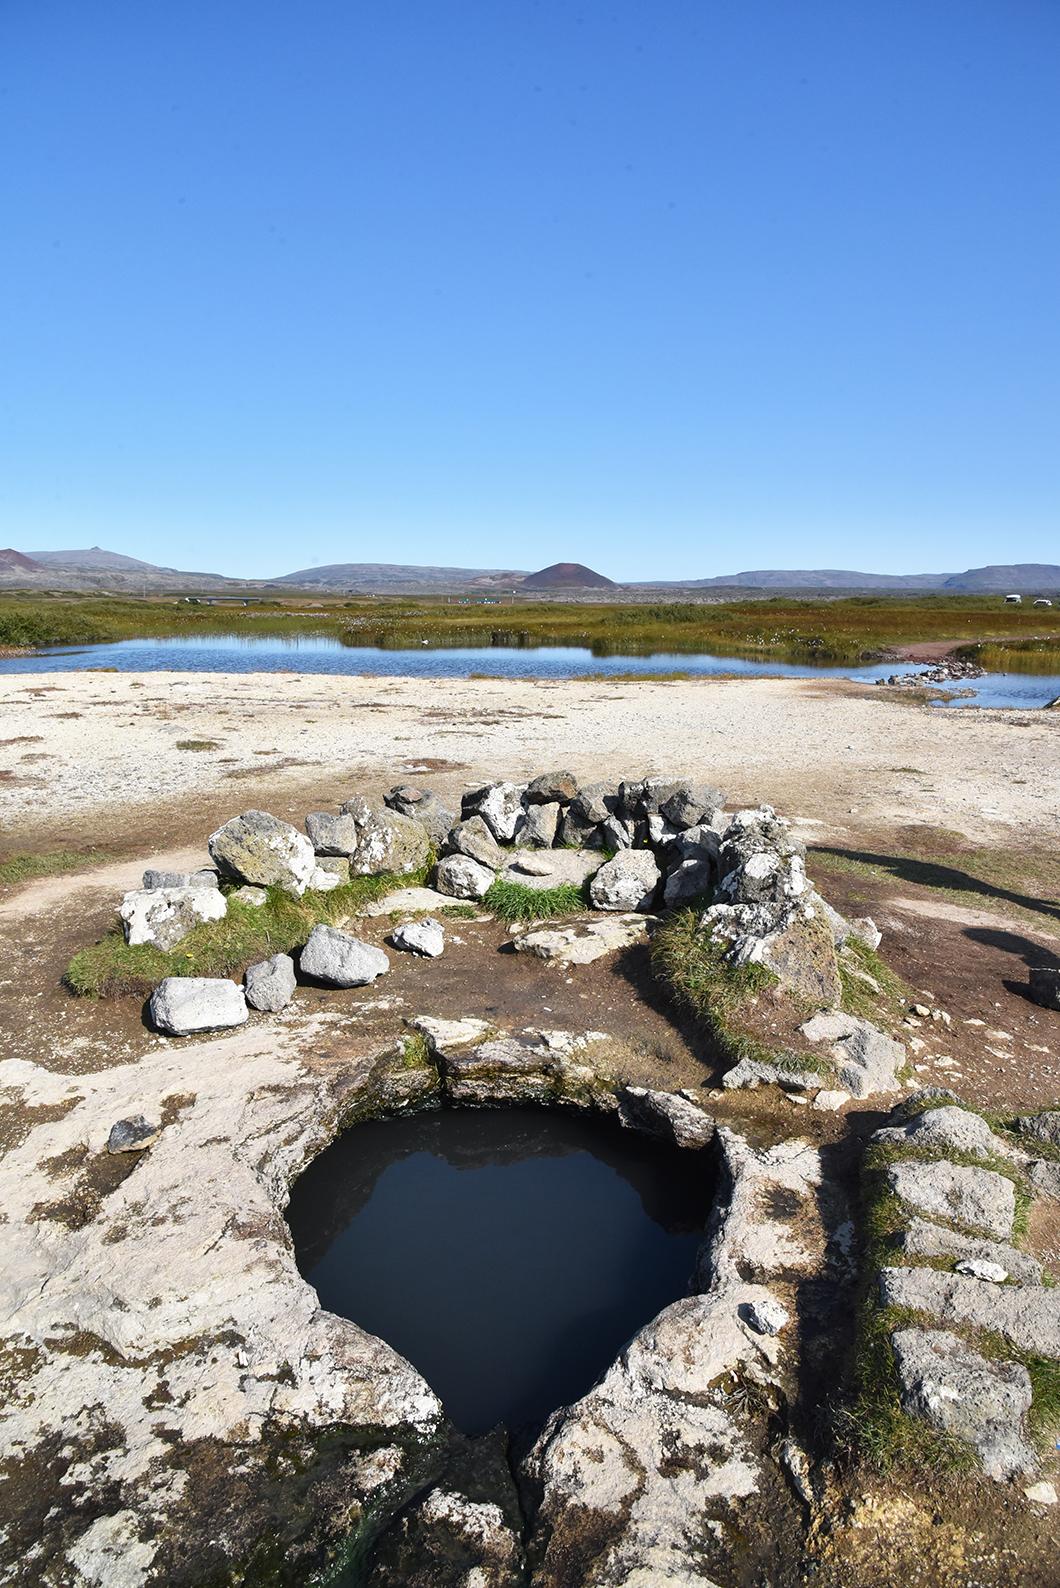 Landbrotalaug Hot Springs